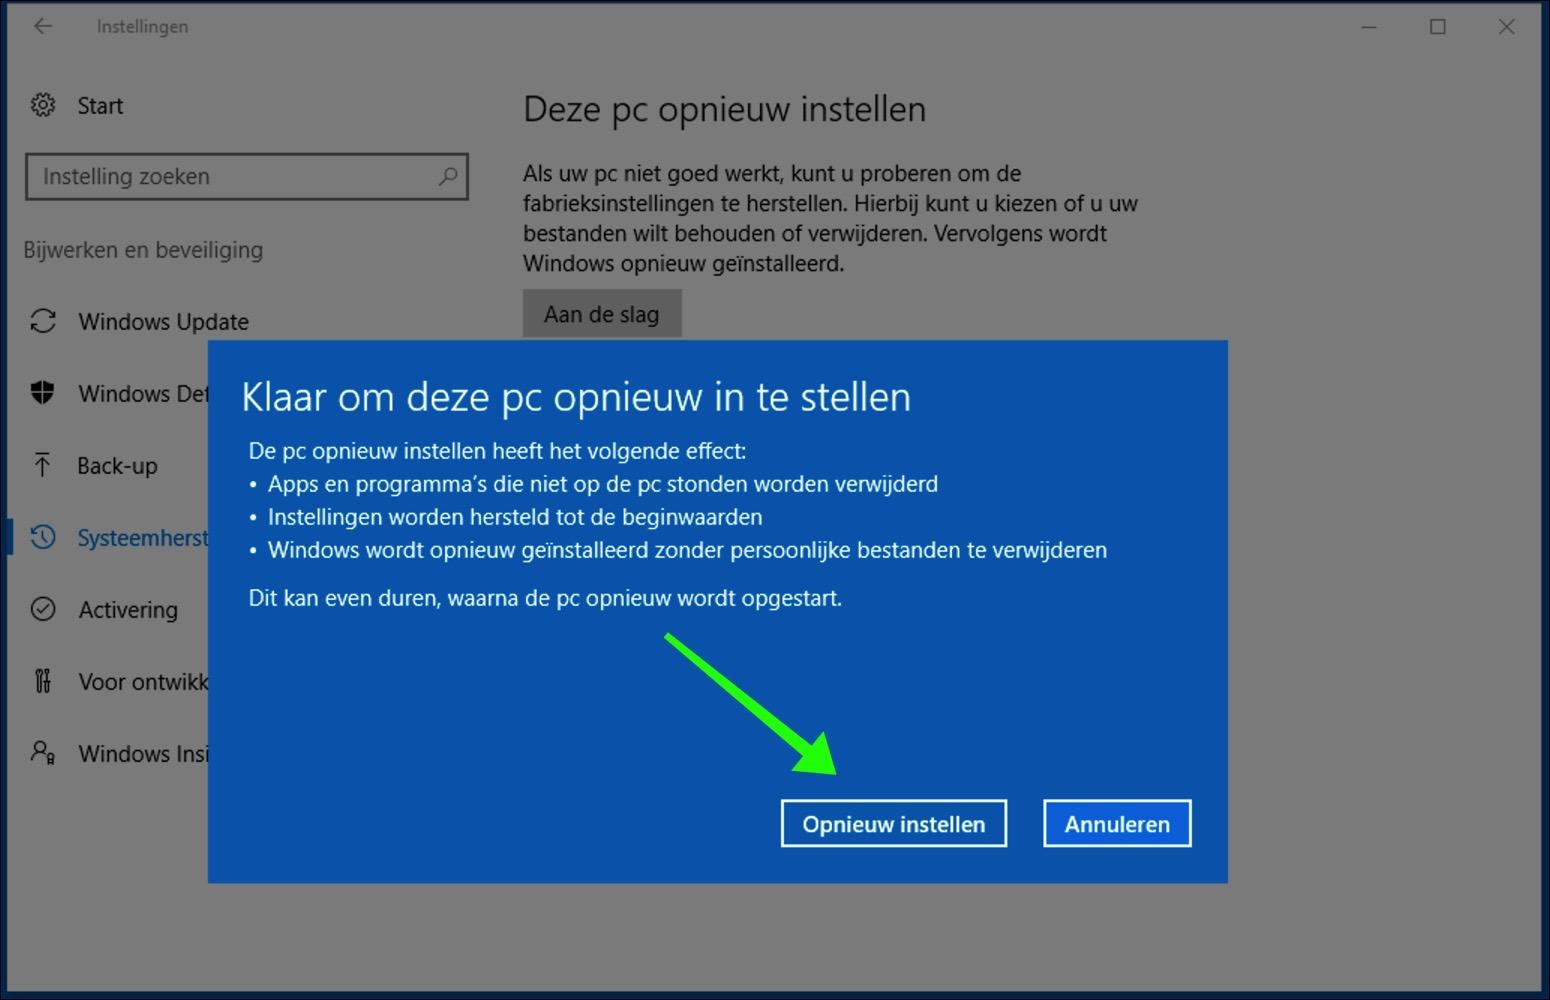 windows 10 opnieuw installeren bevestigen